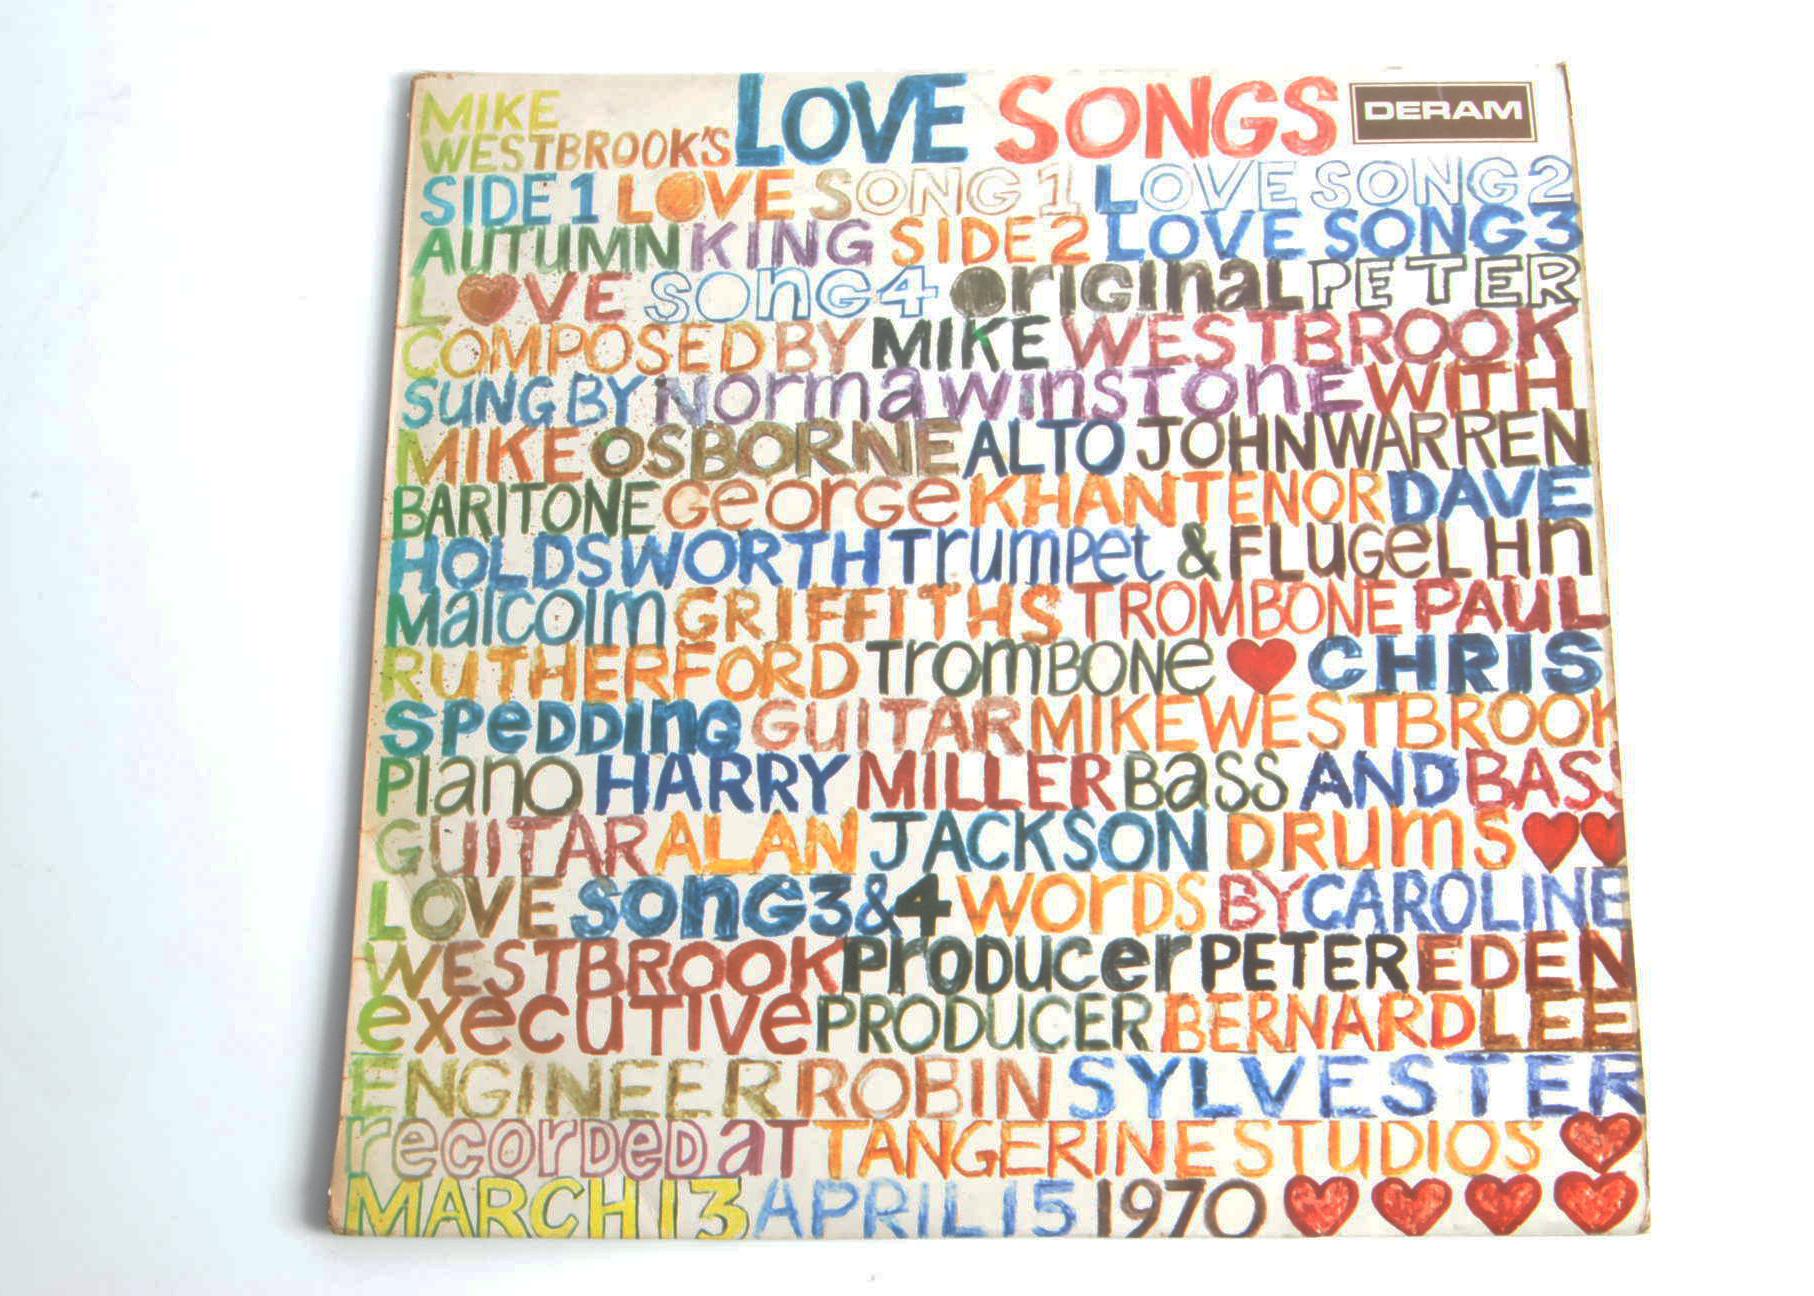 Mike Westbrook LP, Mike Westwood Concert Band - Mike Westbrook's Love Songs LP - original UK